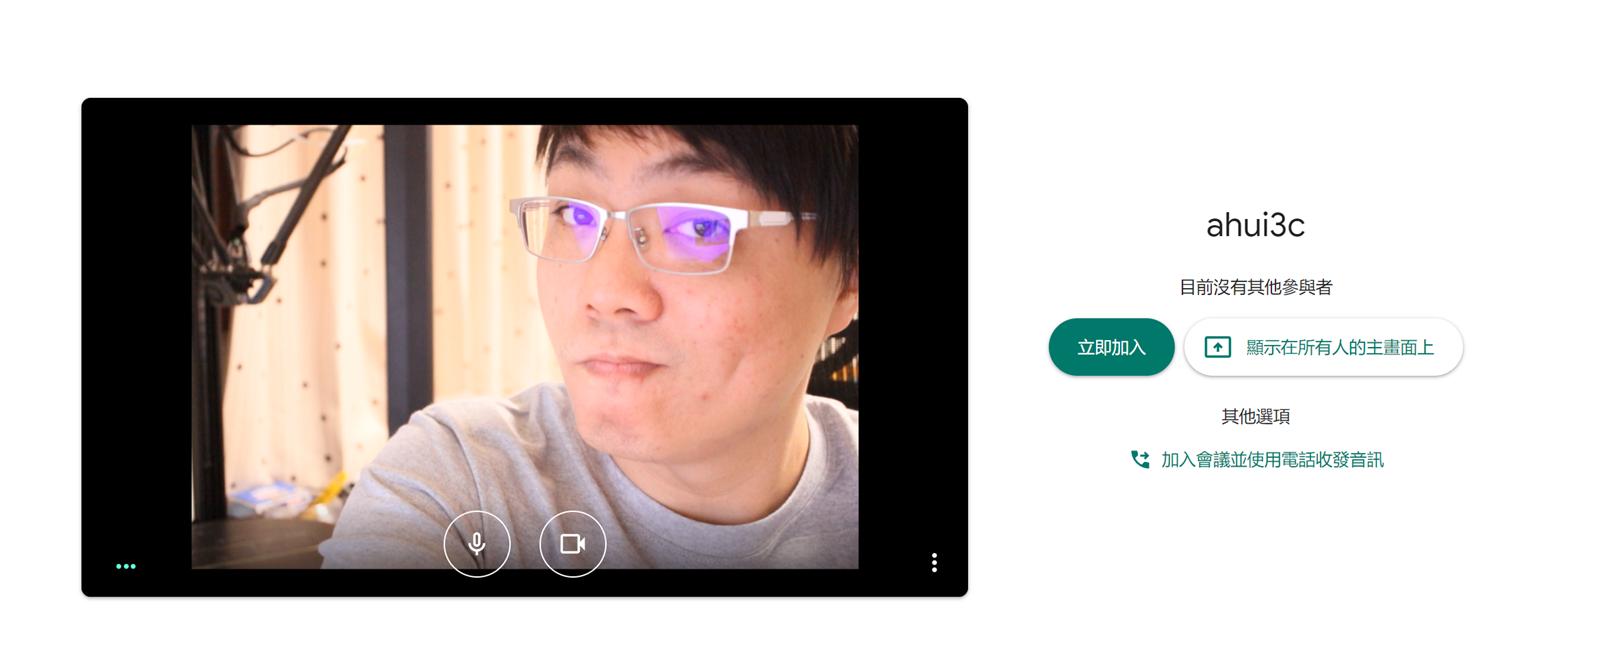 照片中提到了ahui3c、目前沒有其他參與者、立即加入,包含了通訊、眼鏡、電子產品、產品設計、牌